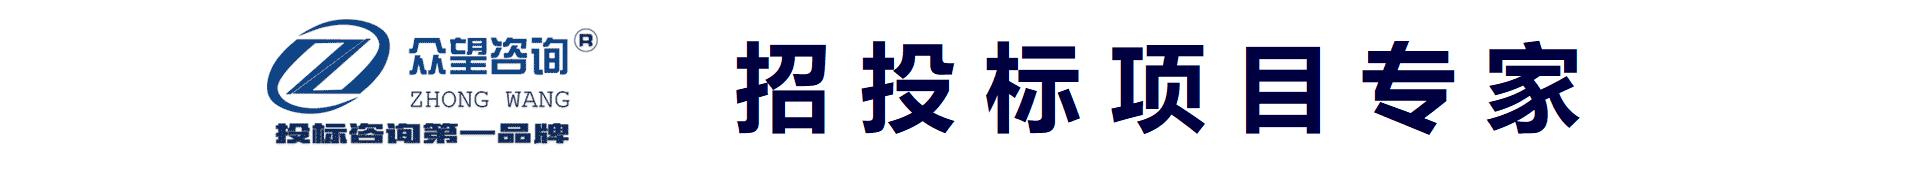 中国投标行业联盟| 让天下没有难中的标